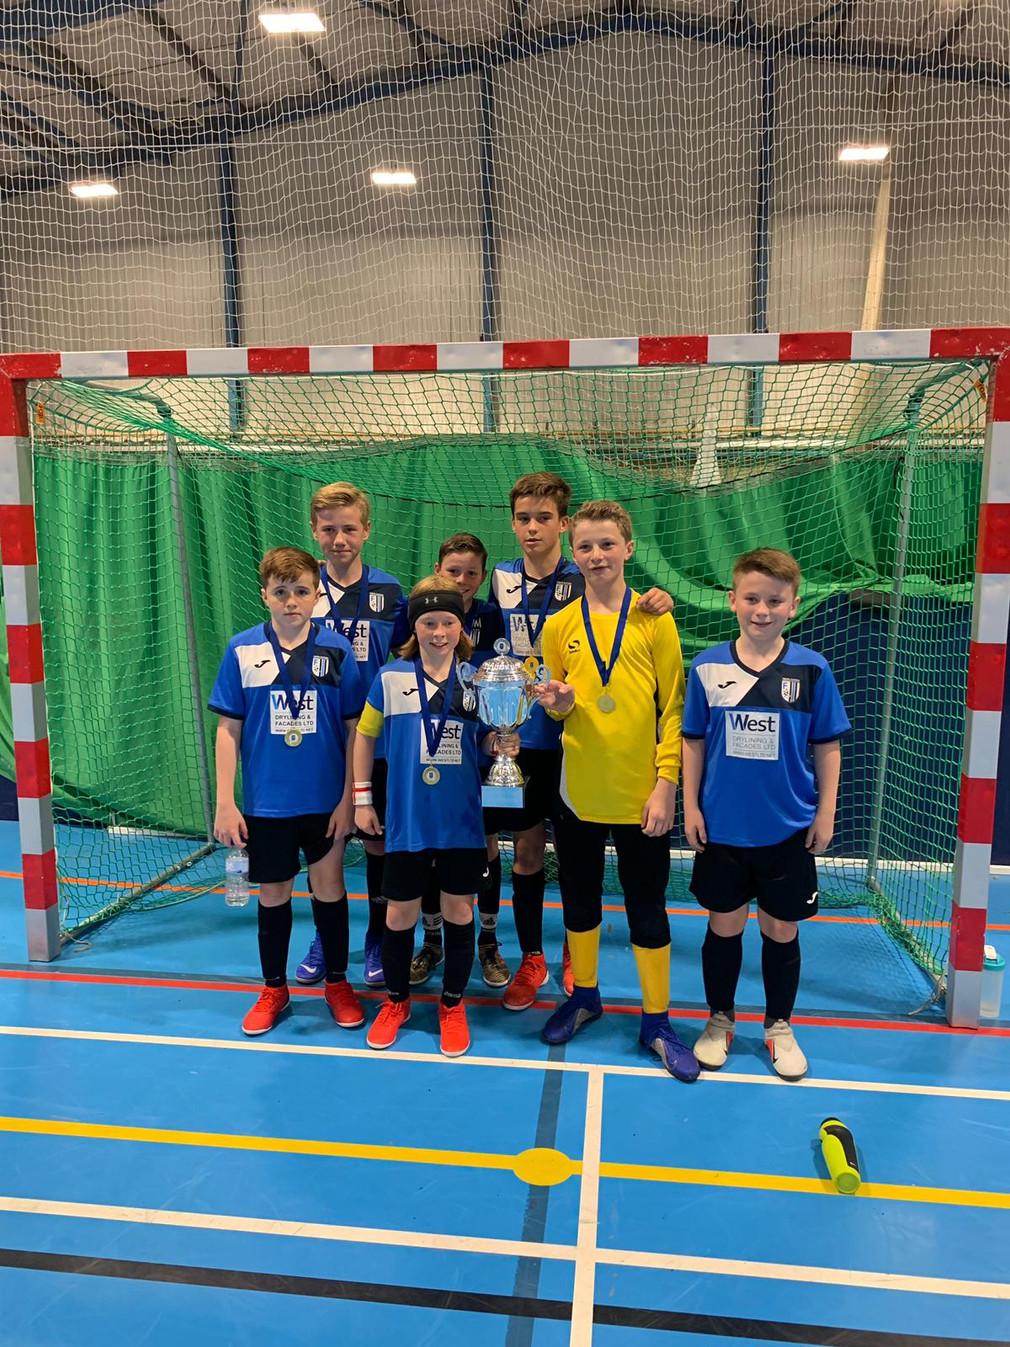 U13/14s Champions of the Aldenham Cup